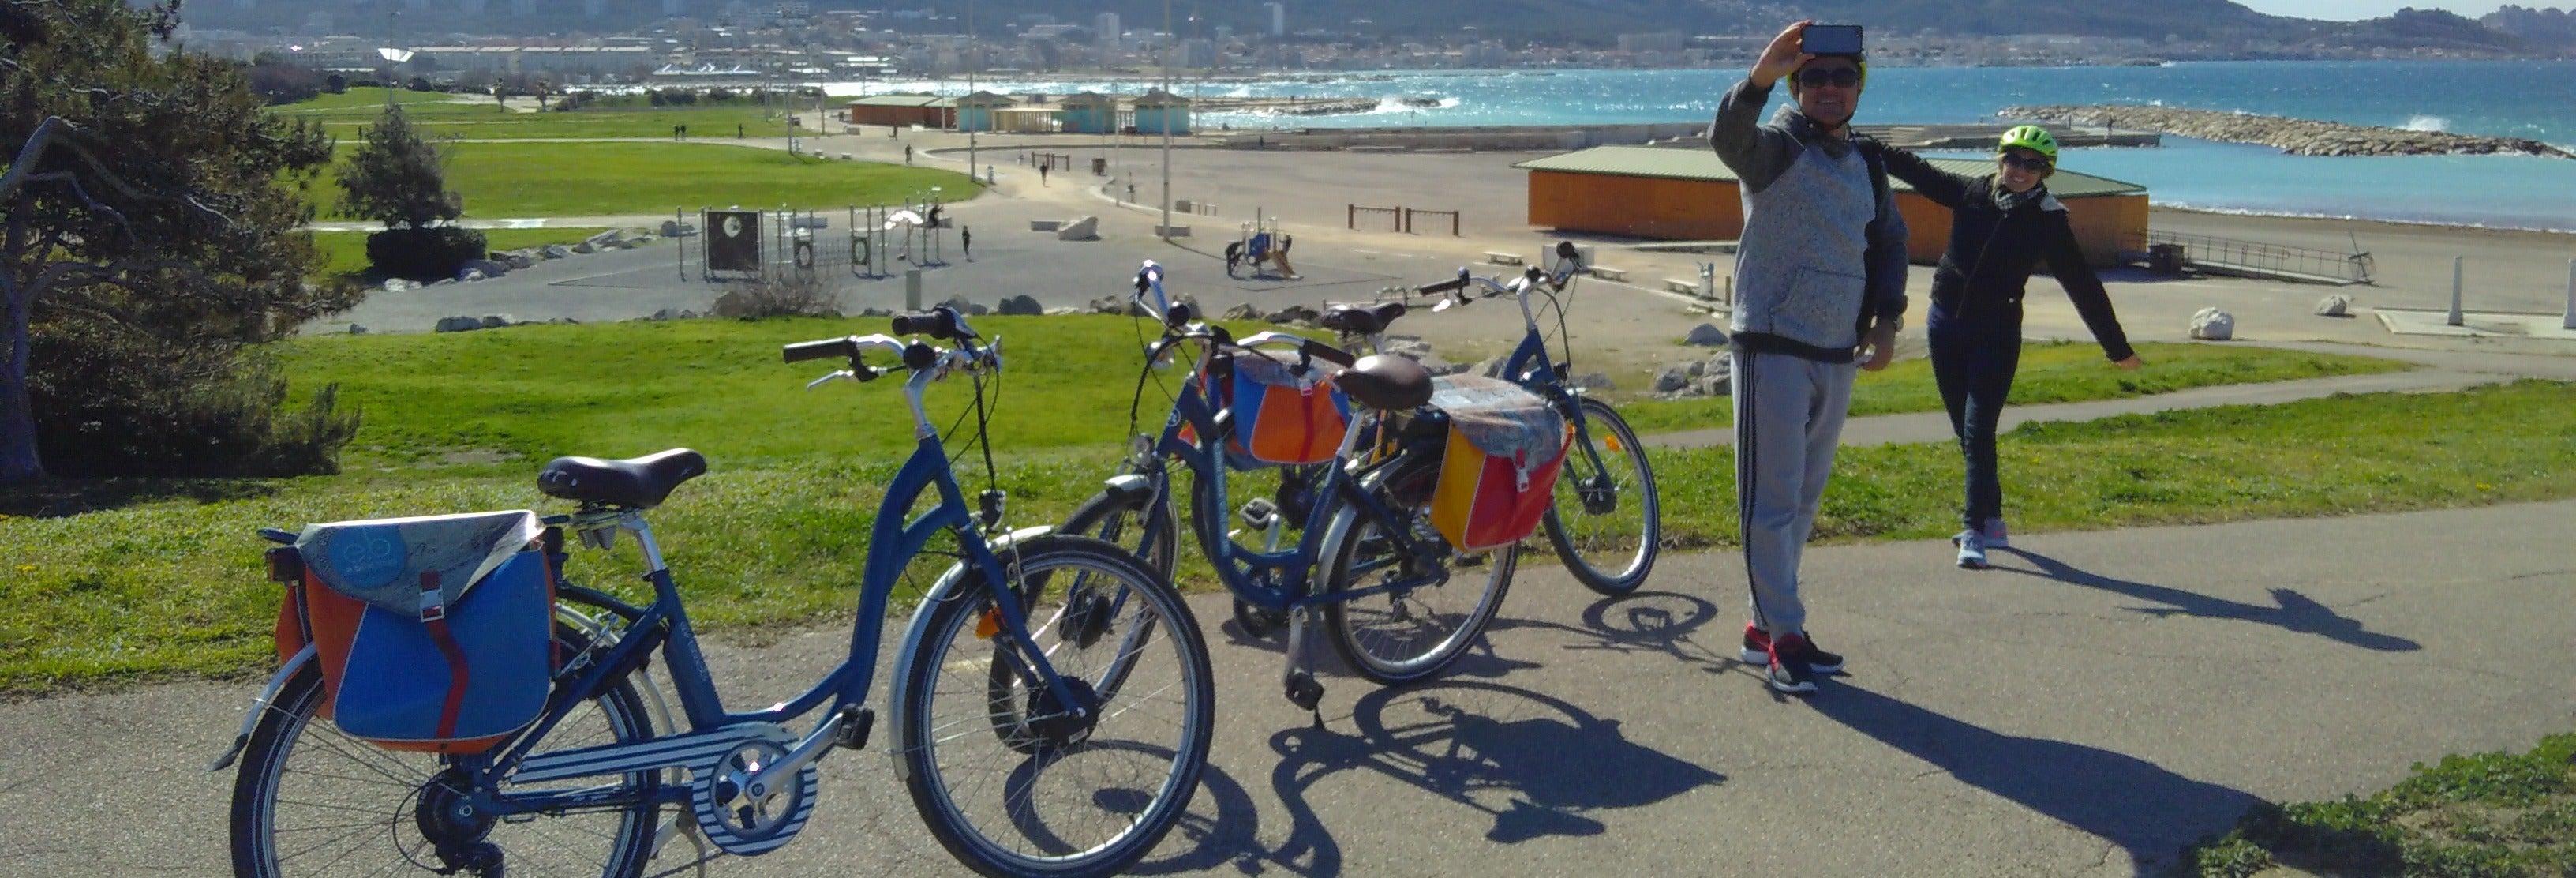 Balade à vélo électrique au Parc National des Calanques